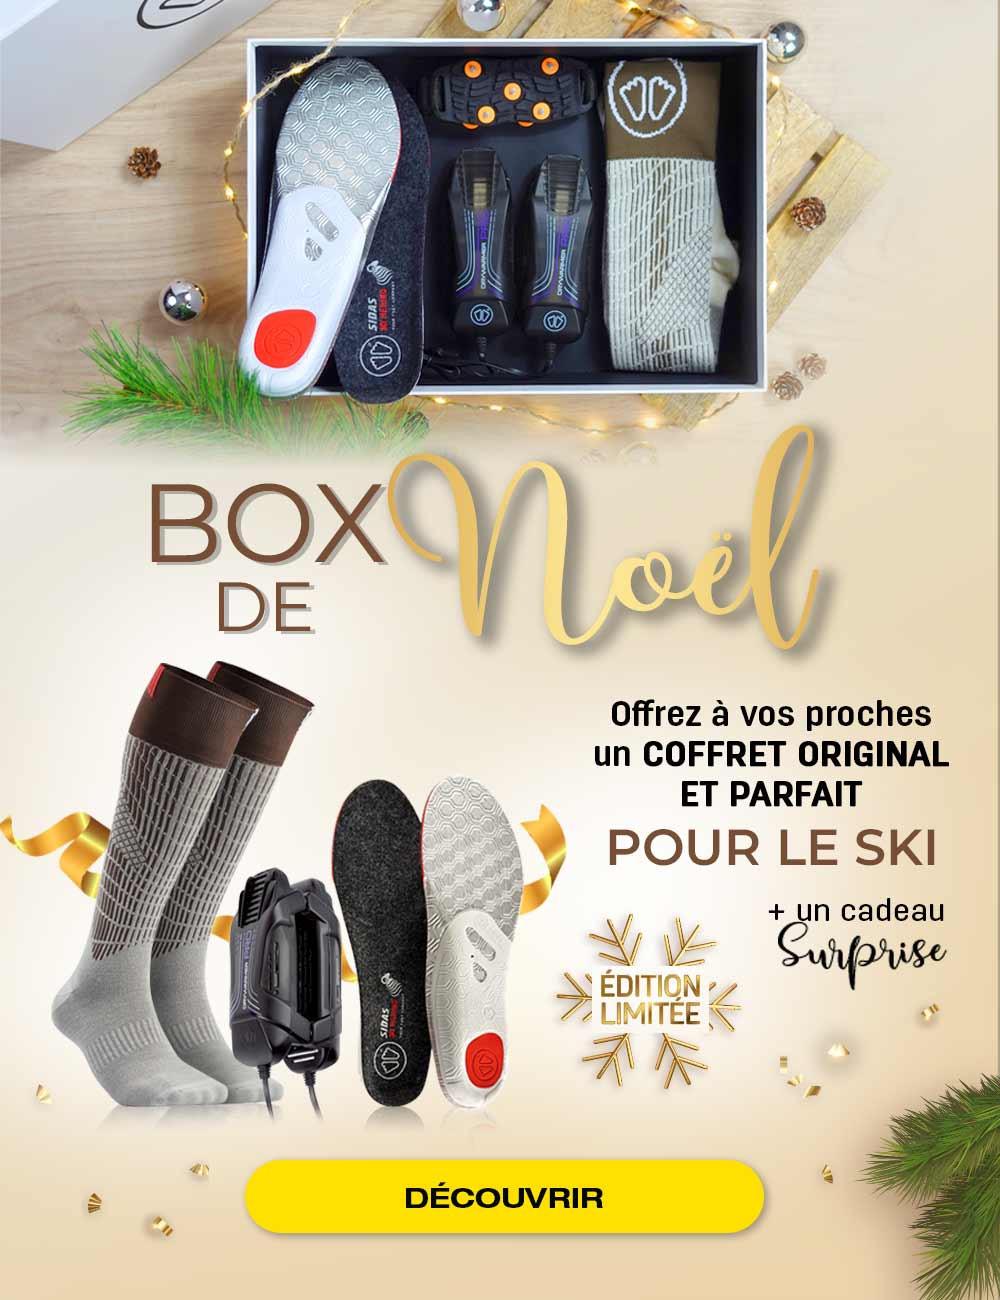 Profitez de notre box de Noël spéciale ski ! Offrez un cadeau original pour Noël !